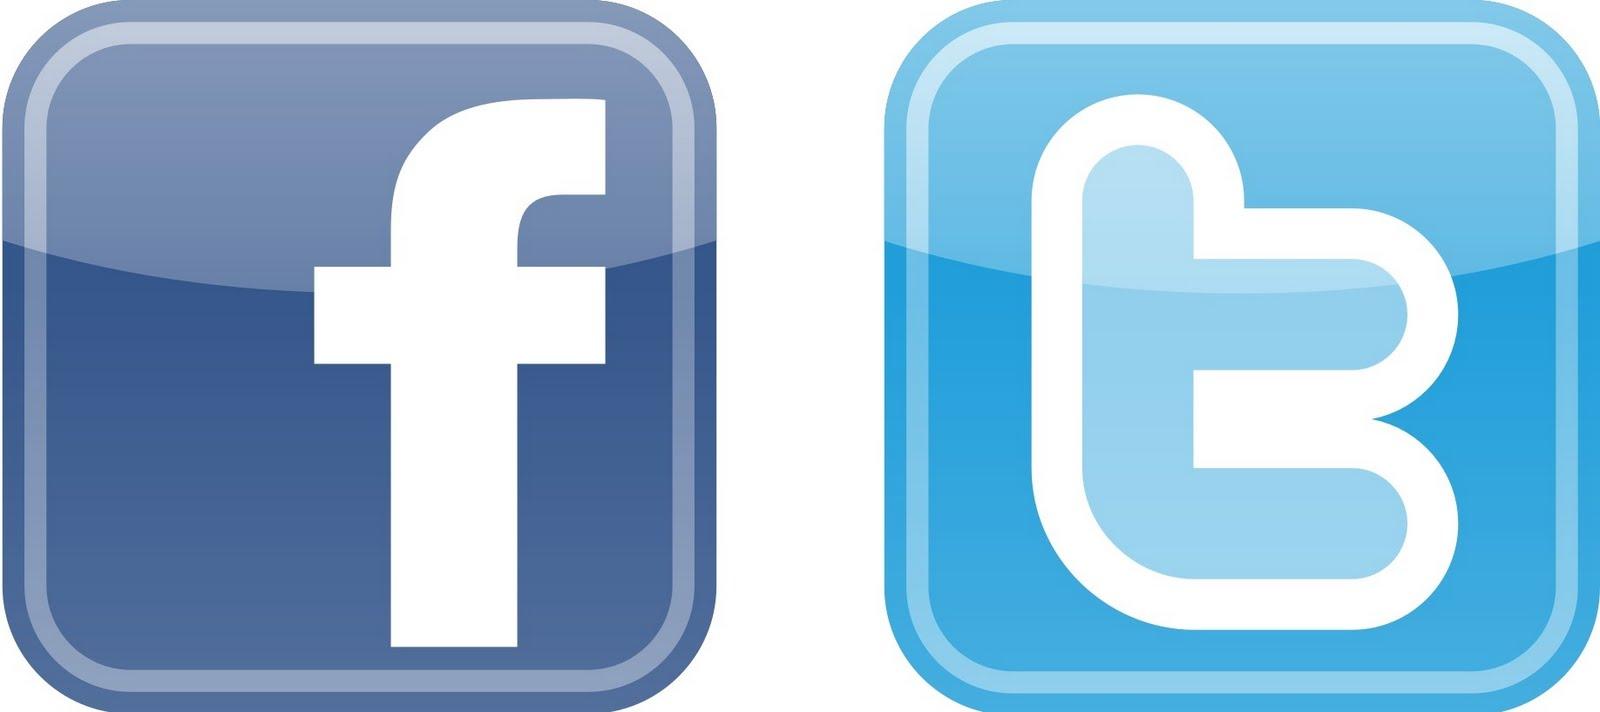 facebookandtwitter